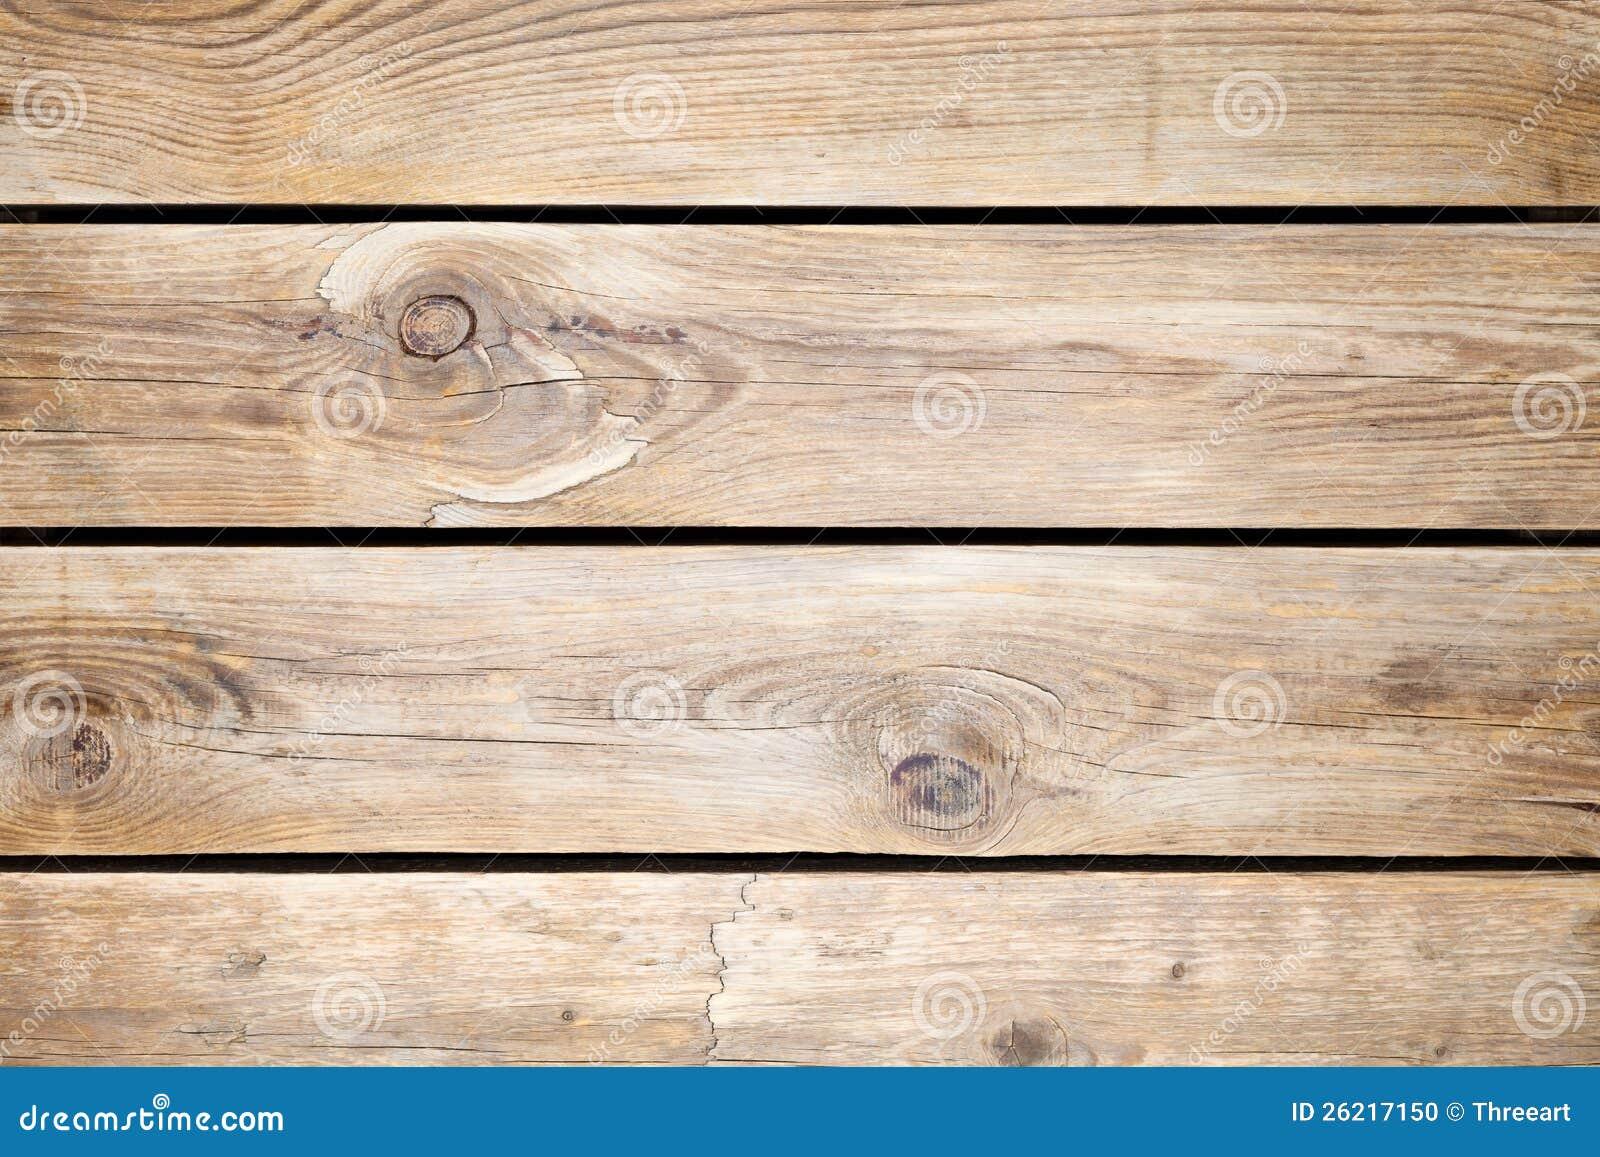 Tablones de madera foto de archivo imagen 26217150 - Tablones de madera segunda mano ...